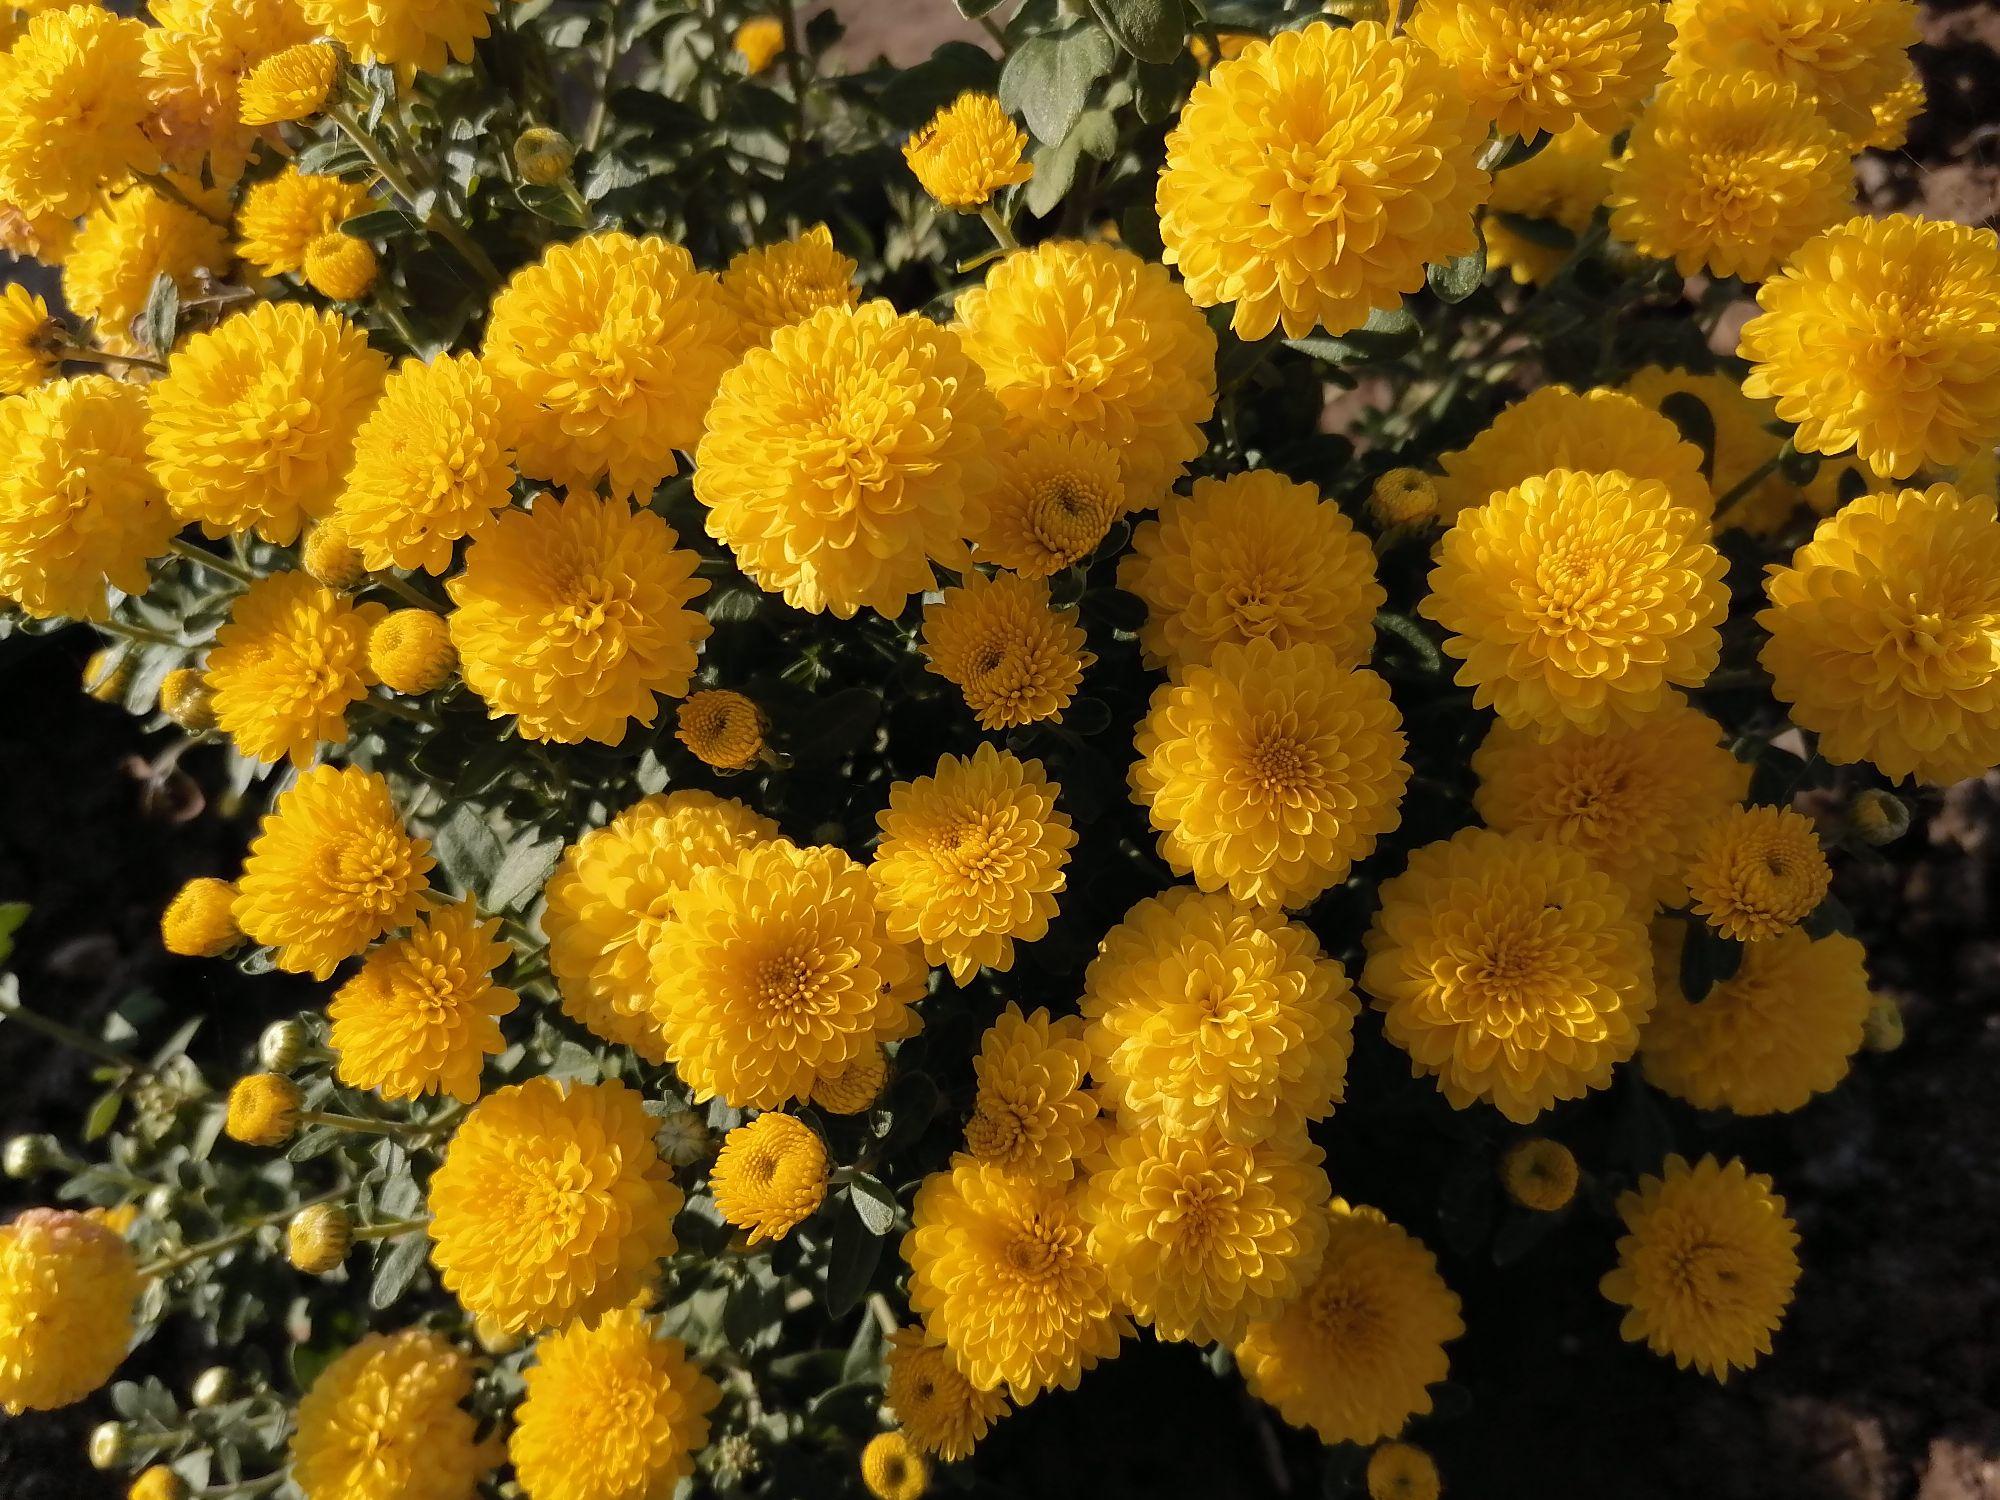 Жёлтые, каждый цветок похож на маленькое солнце